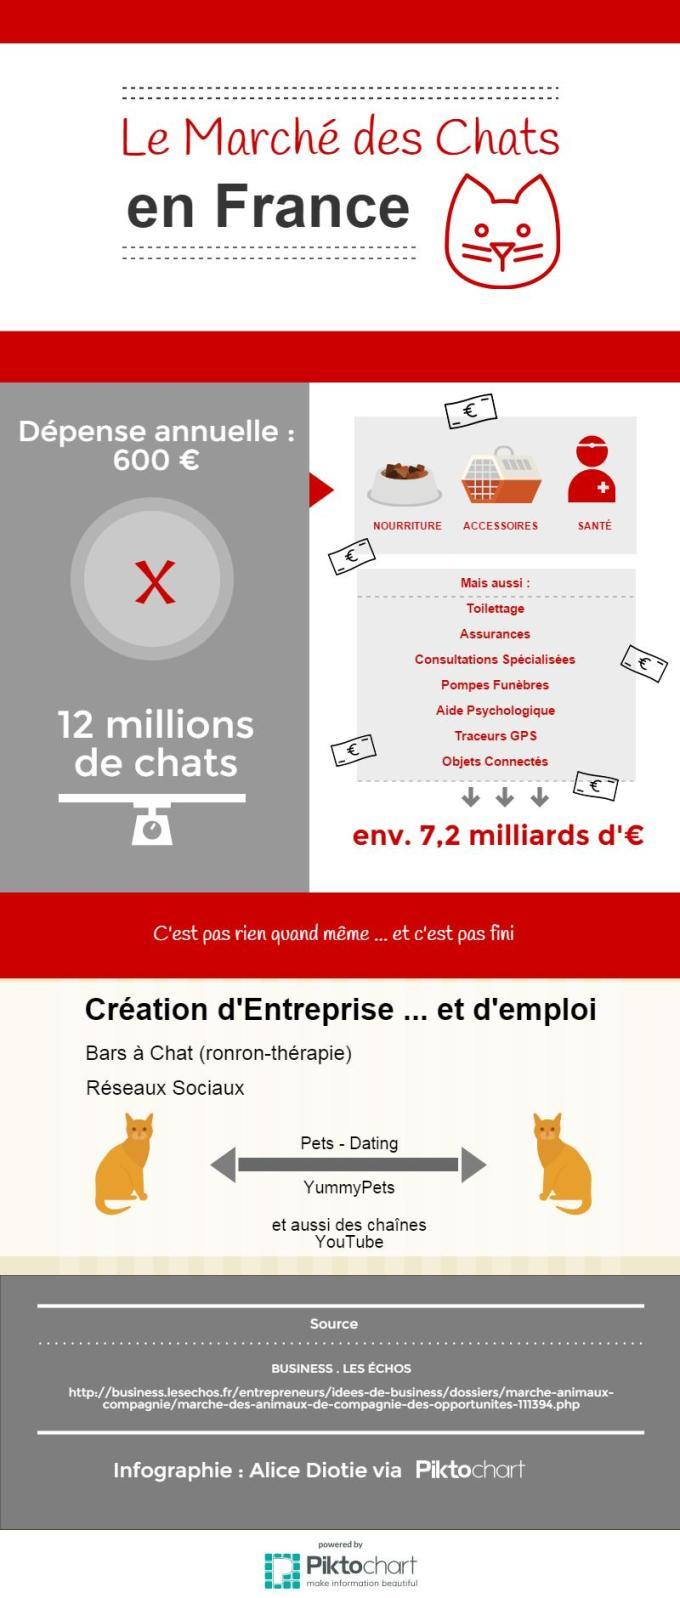 Infographie-Marche-des-chats